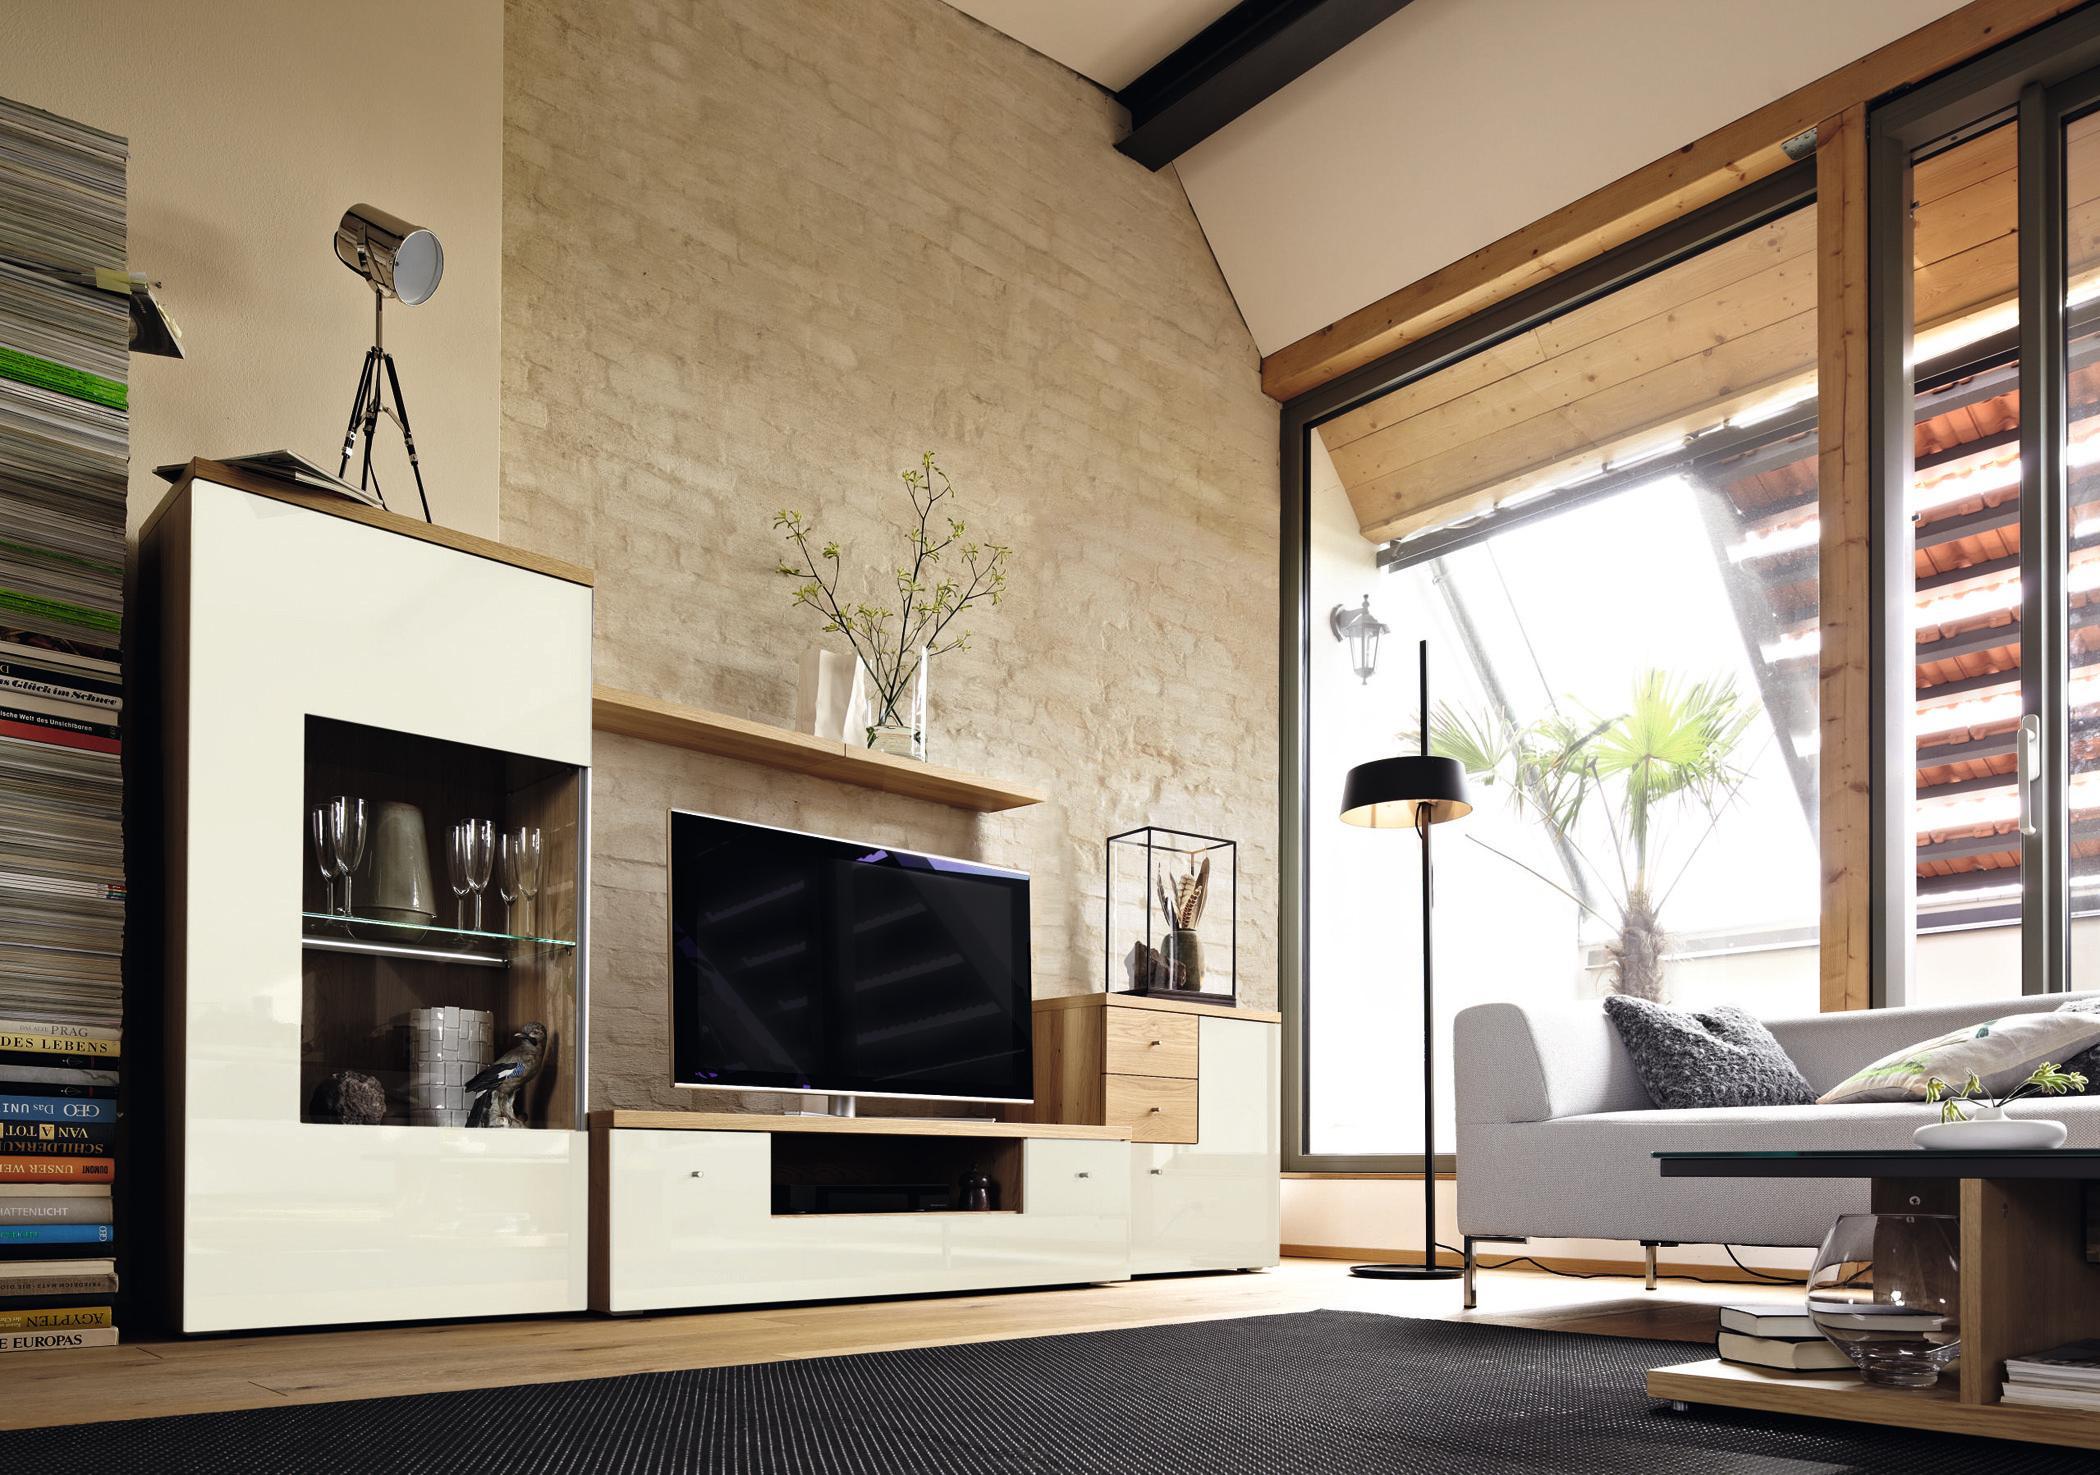 Wohnzimmergestaltung • Bilder & Ideen • Couchstyle